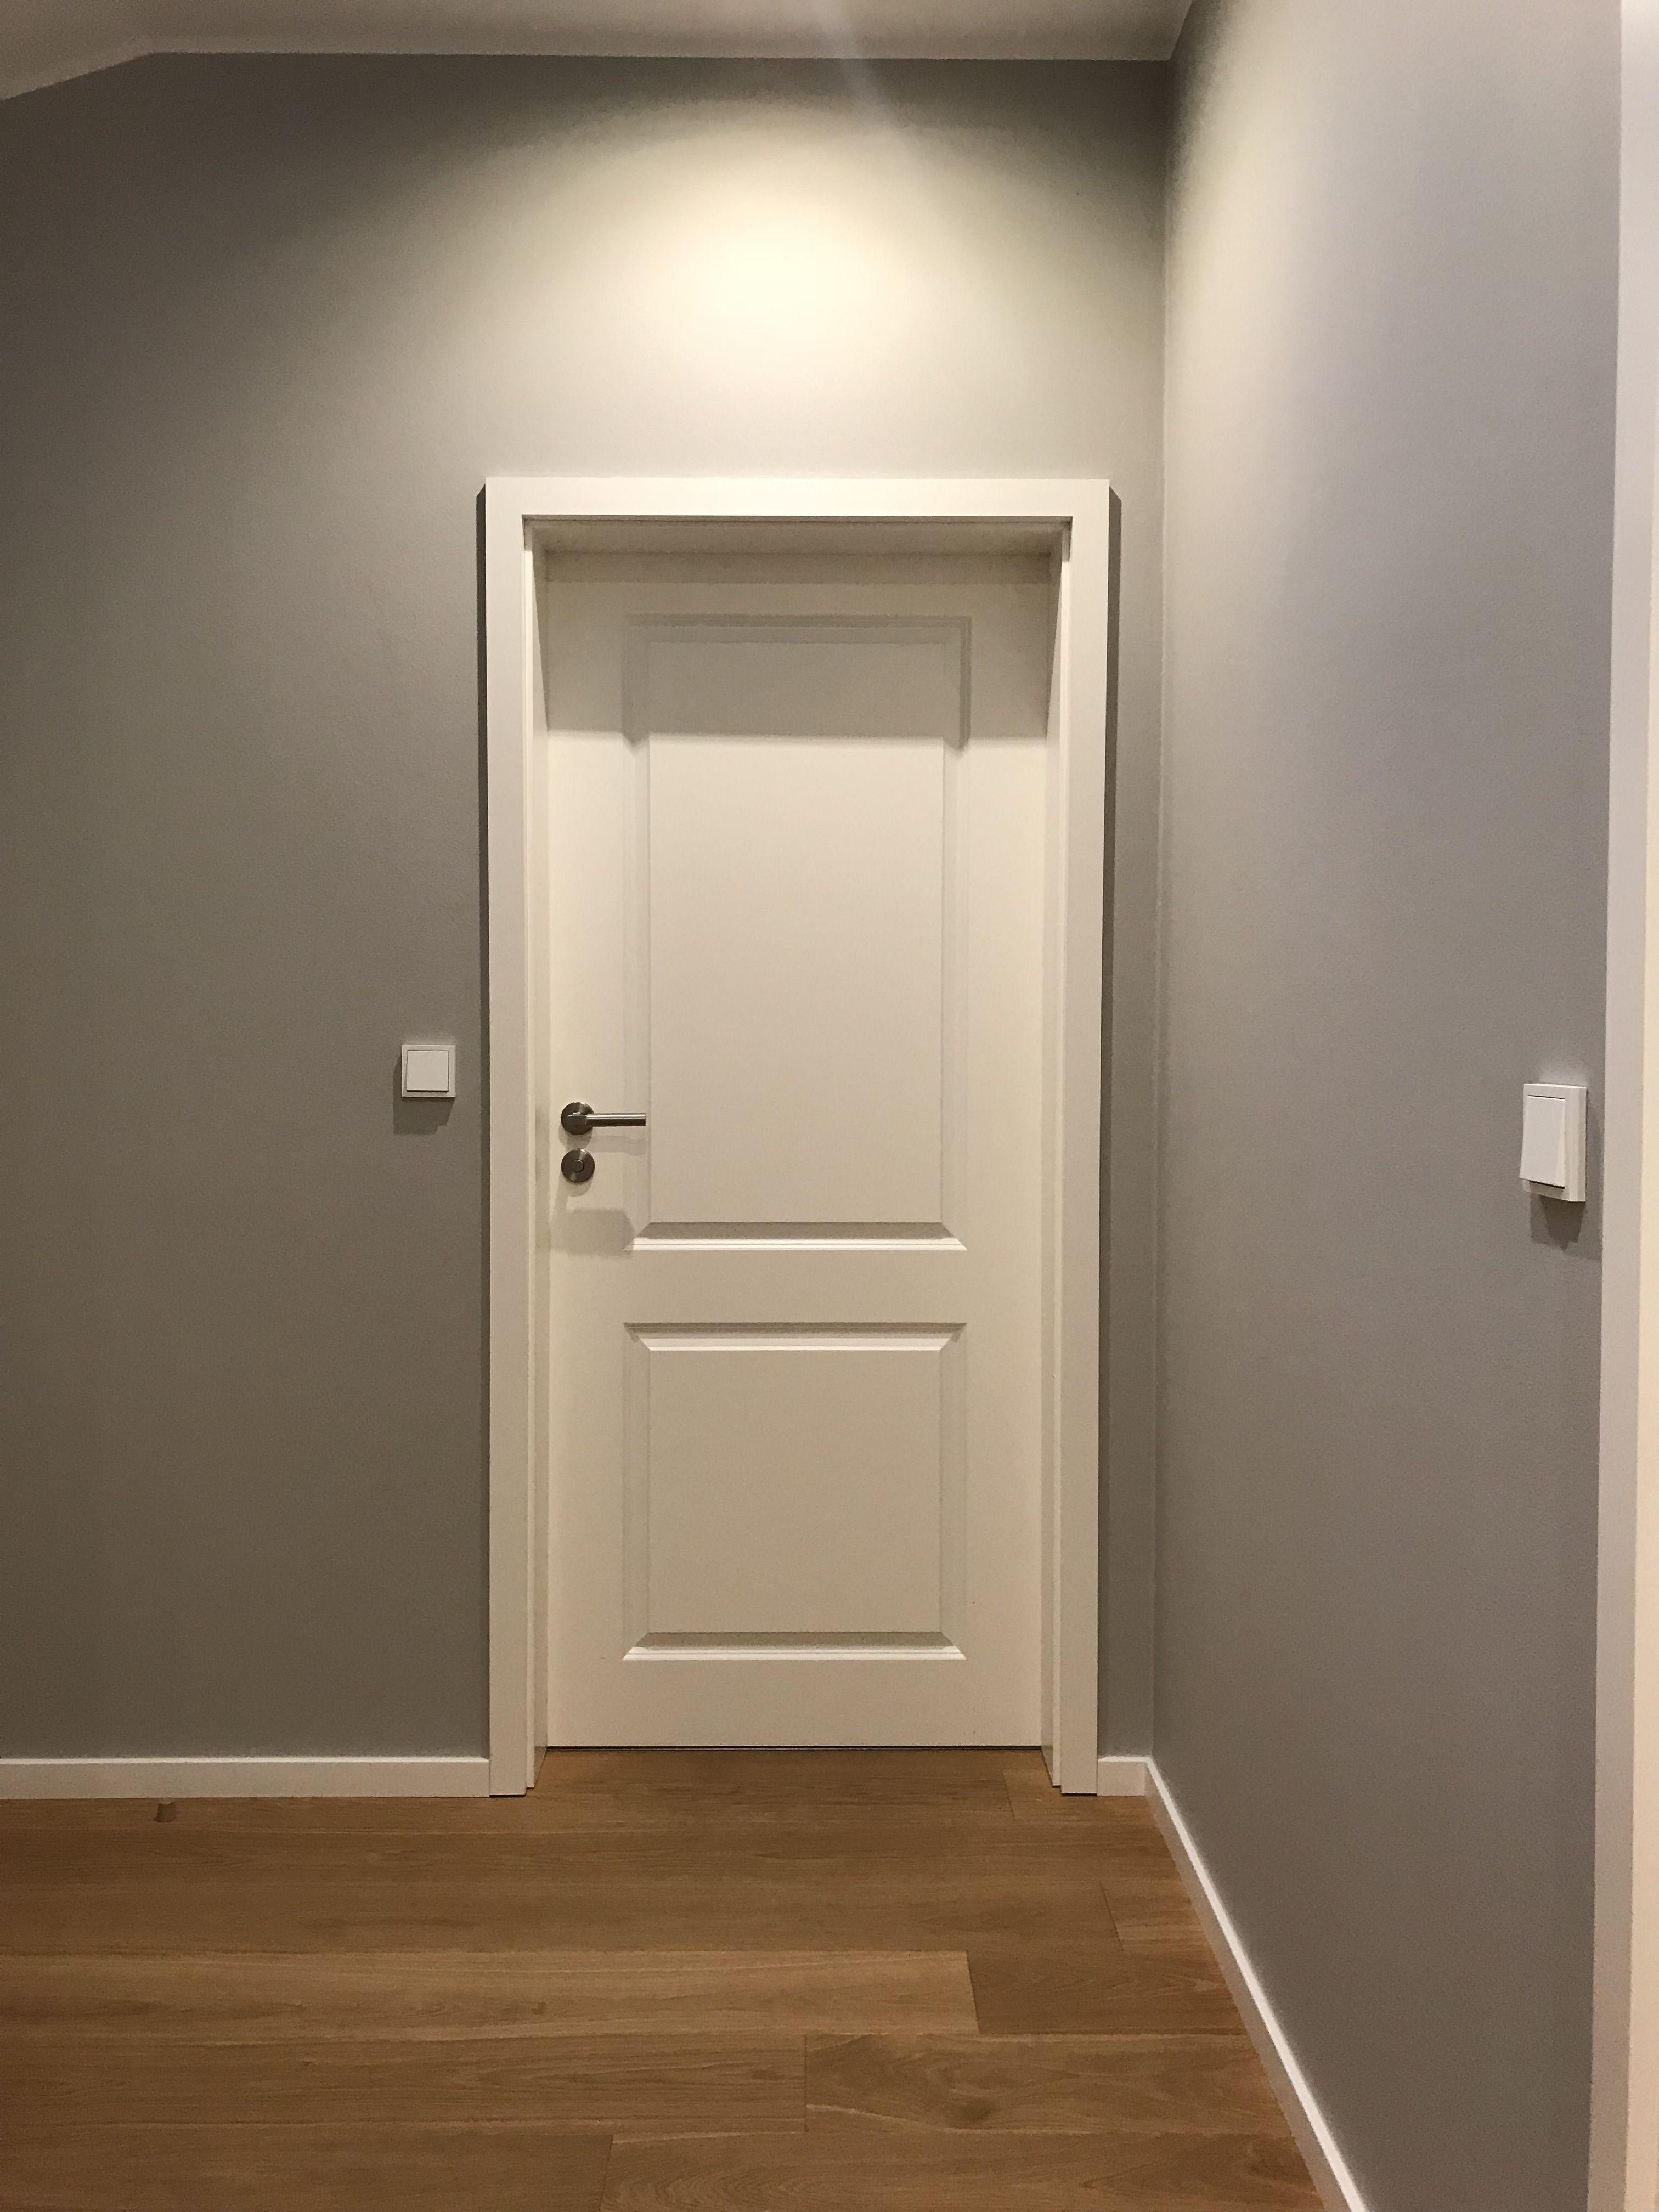 Handgemachte Innentüre weiß lackiert. #eingangsbereichhausinnen